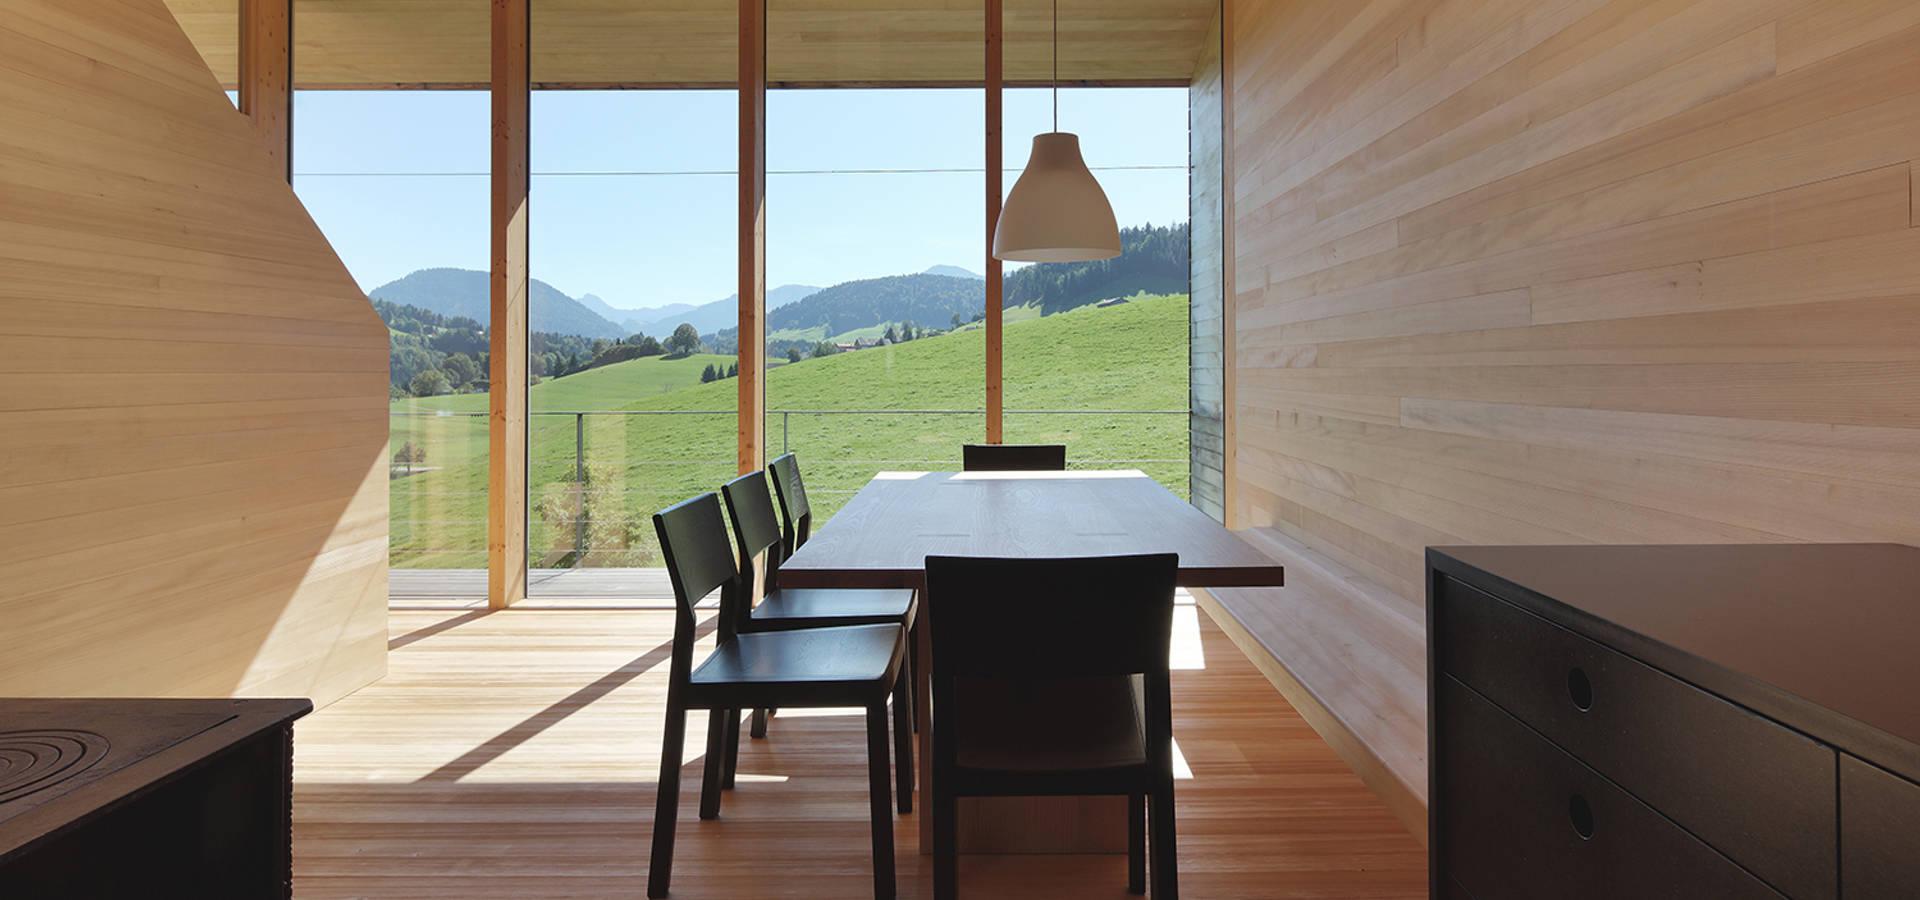 Bienenhus ferienhaus in vorarlberg por yonder for Architektur und design